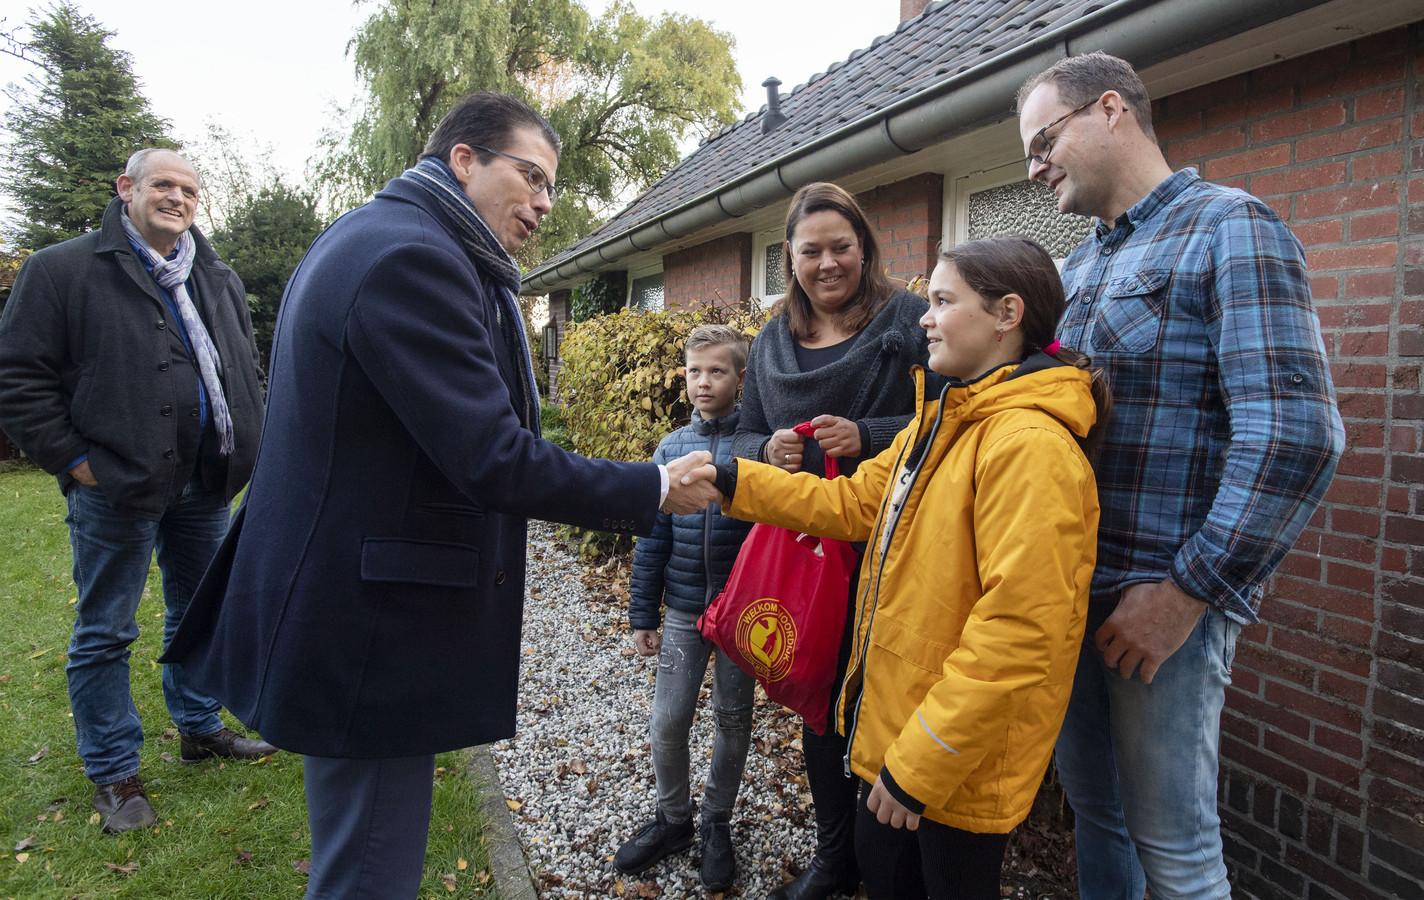 Burgemeester Joost van Oostrum heet de familie Laponder hartelijk welkom in zijn Noordijk